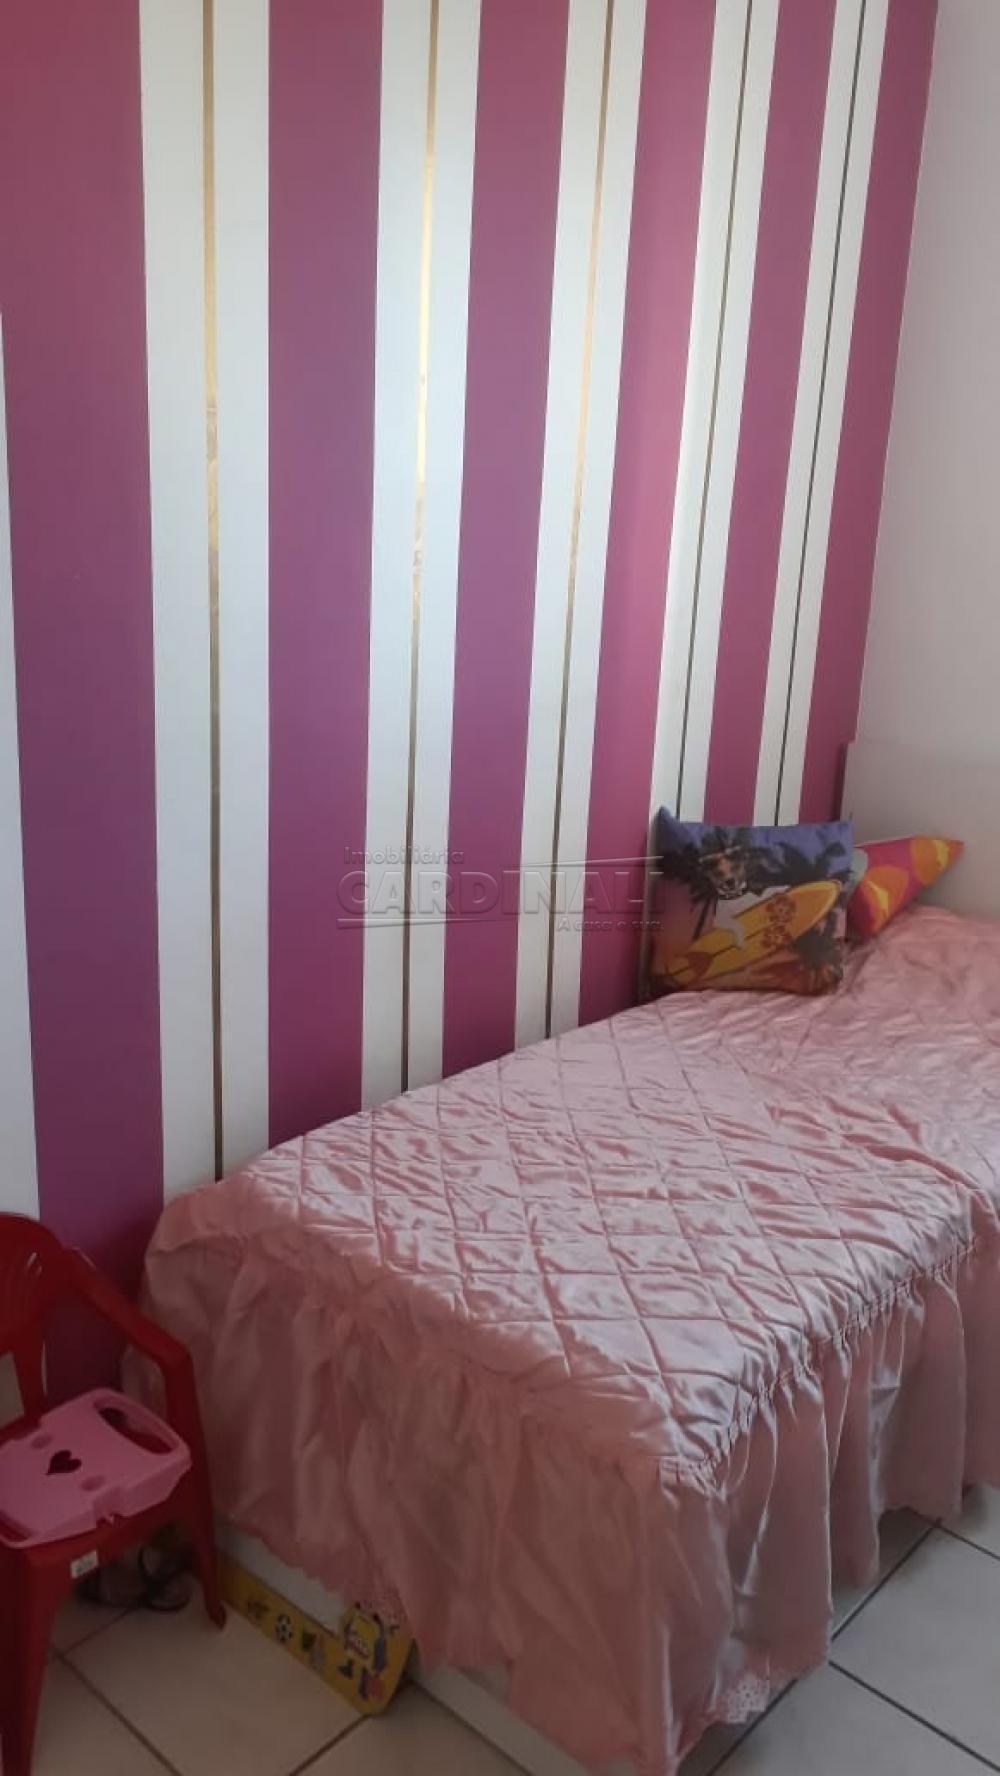 Comprar Apartamento / Padrão em Araraquara R$ 170.000,00 - Foto 10